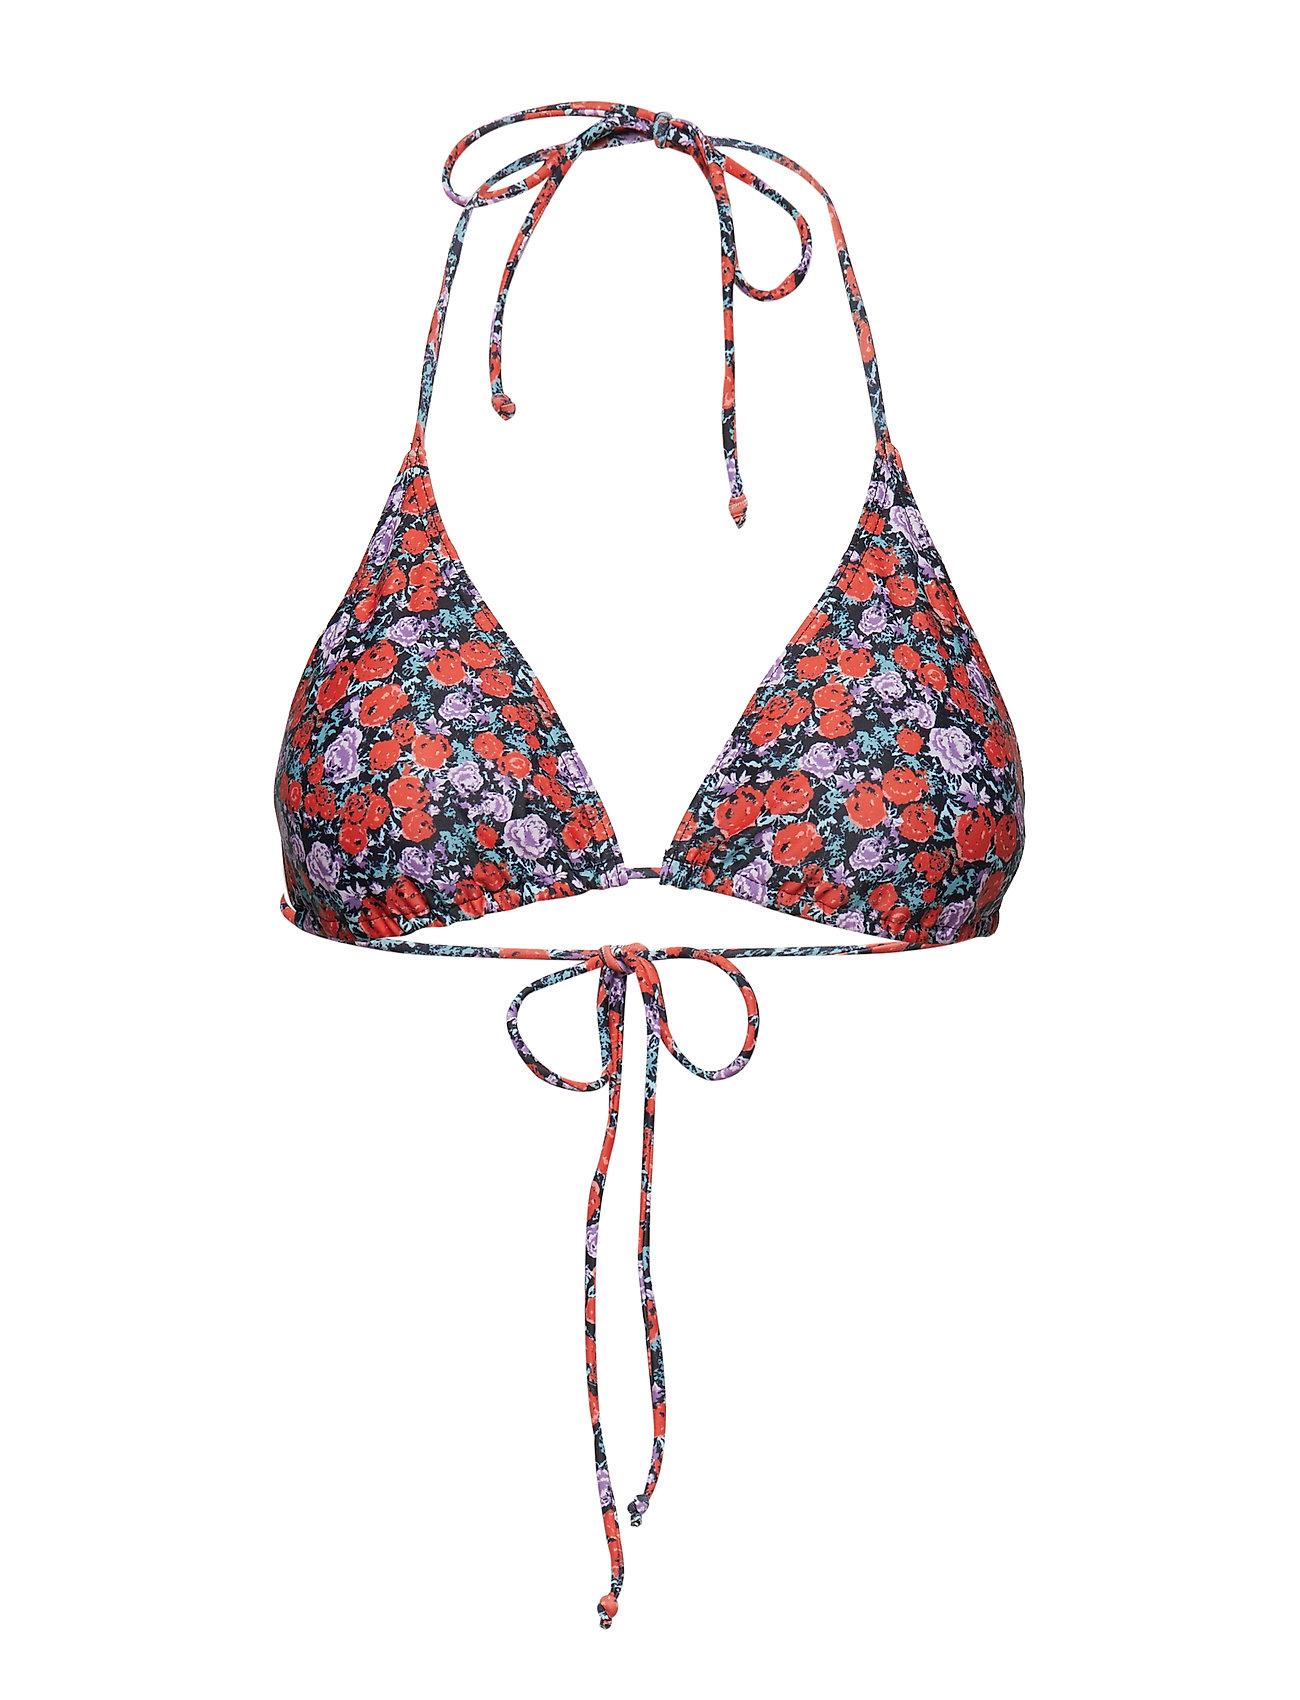 Gestuz Pilea bikini top MS19 Badkläder